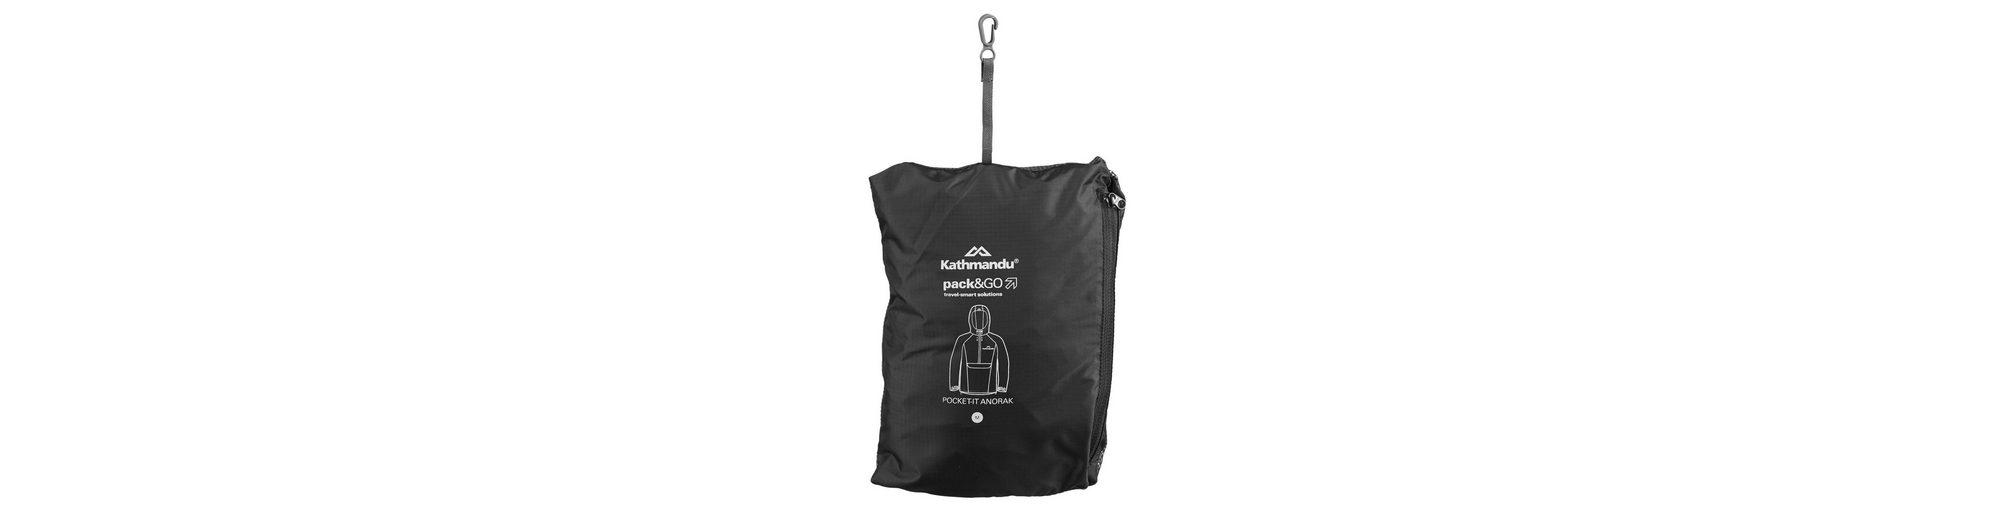 Billig Extrem Original- Kathmandu Regenjacke Pocket-it v2 Begrenzt Neue Verkauf Wiki Günstig Kaufen Browse EmFhWCae